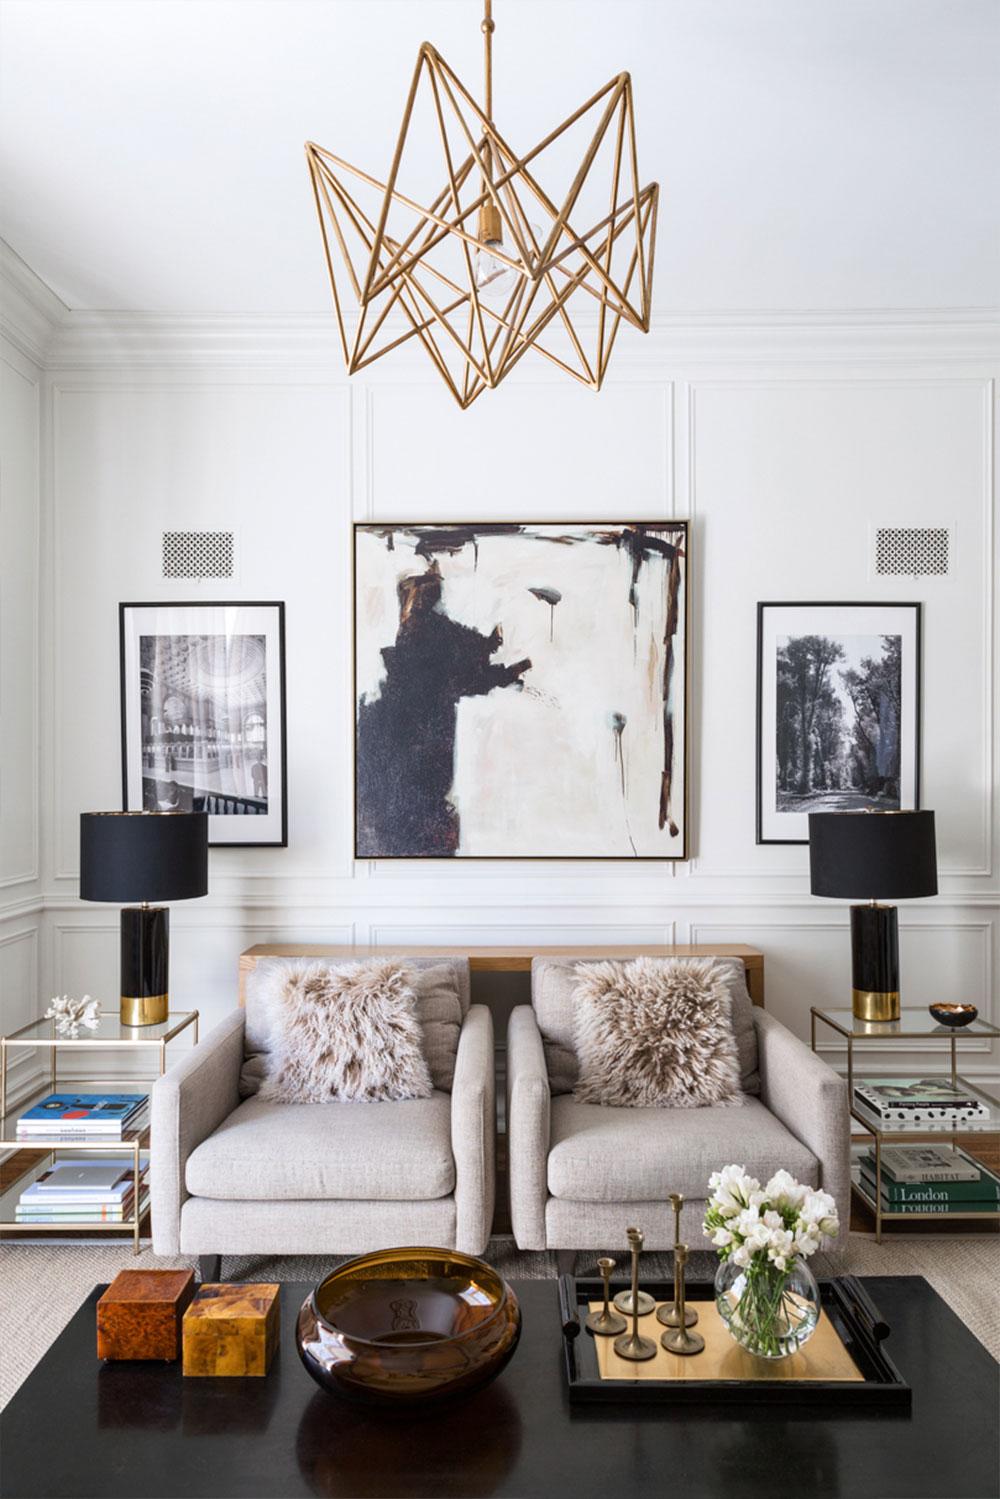 Ex-Park-living-room-design